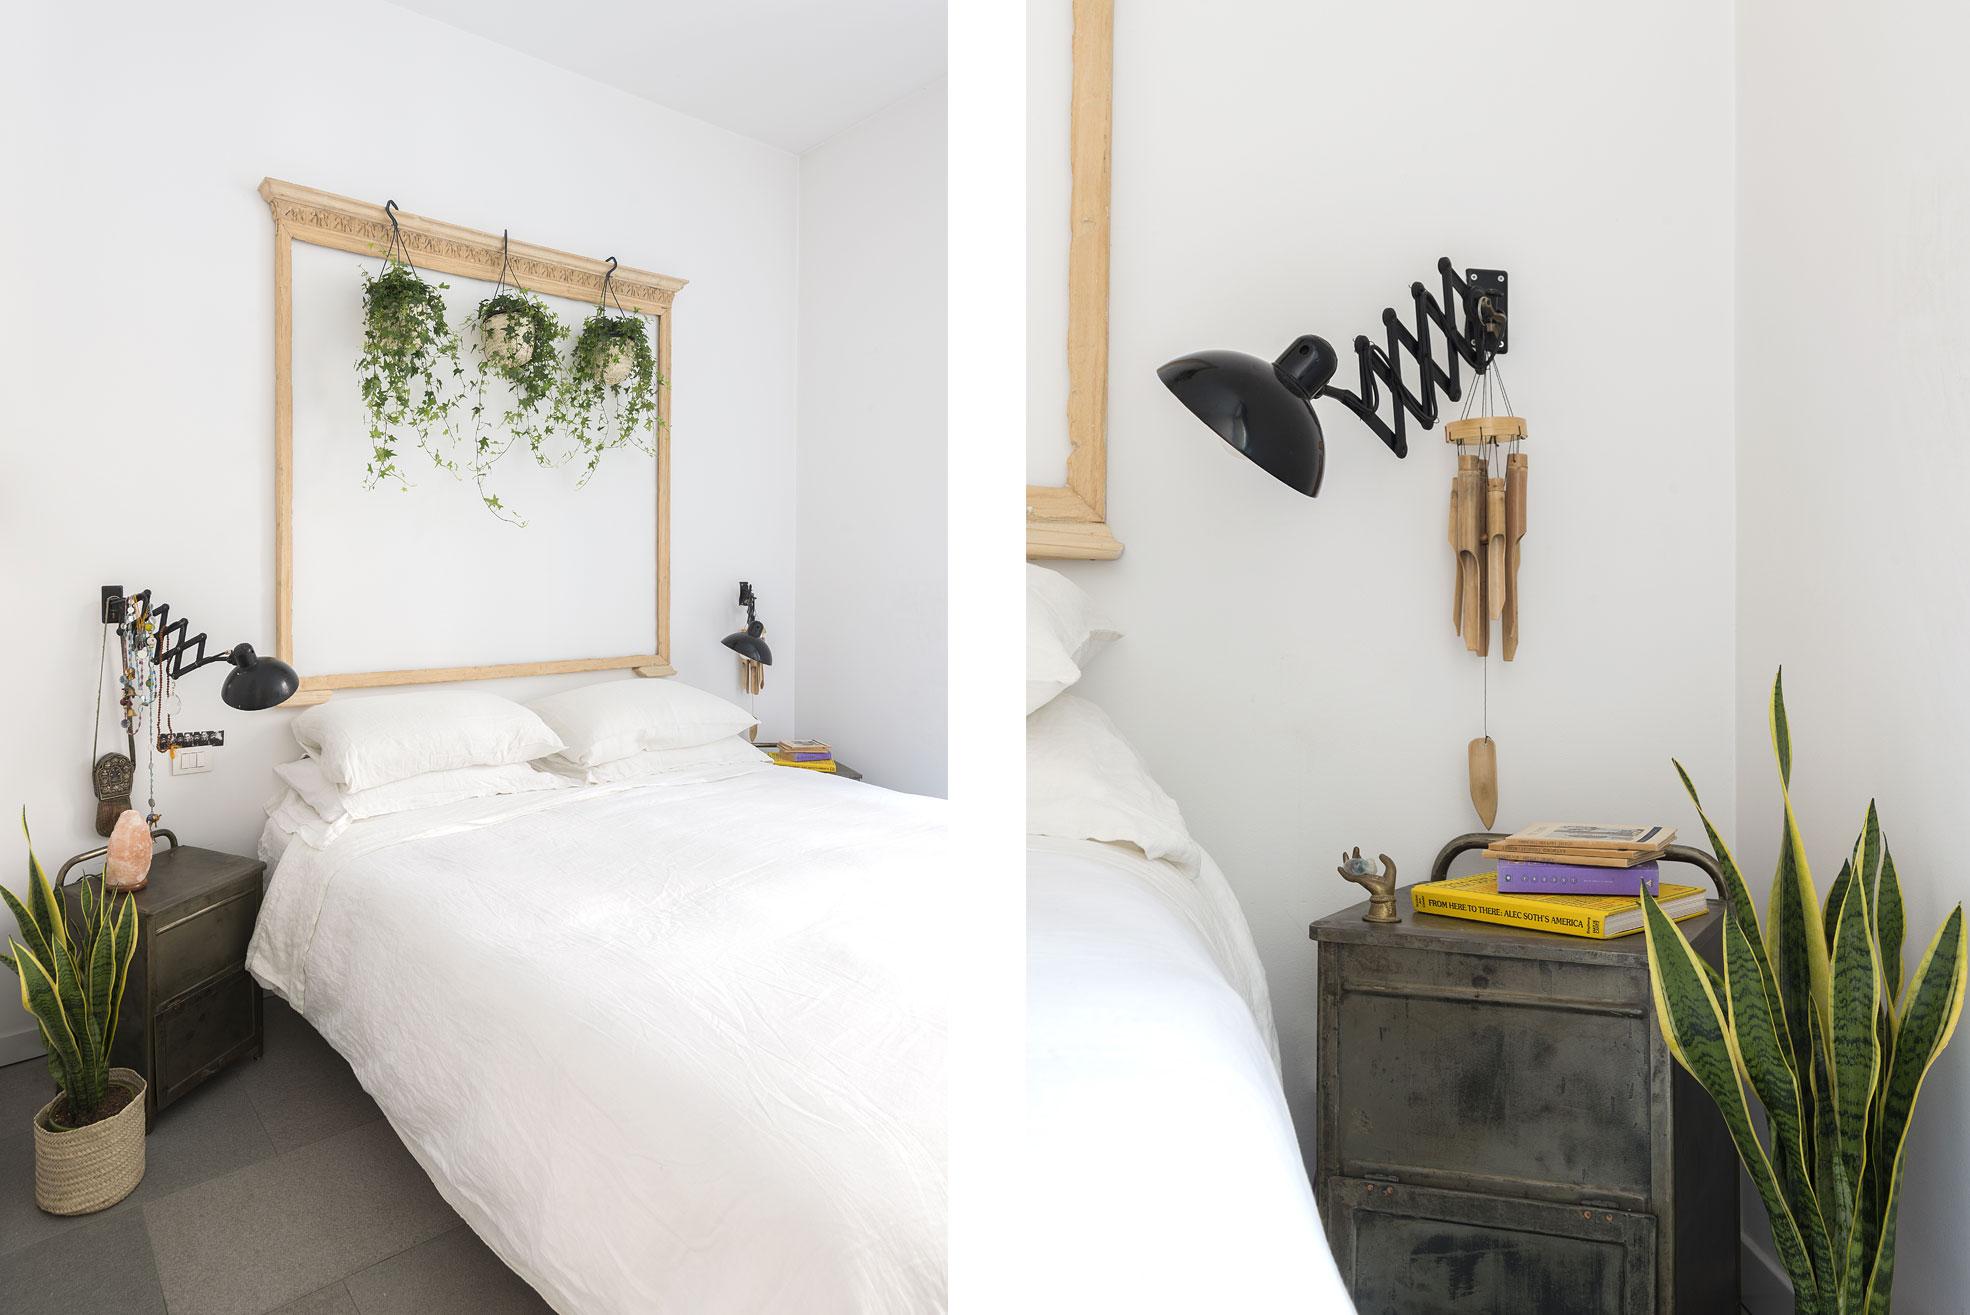 Bedroom of the gipsy house of Giovanna Forlivesi Photographer Maria Teresa Furnari